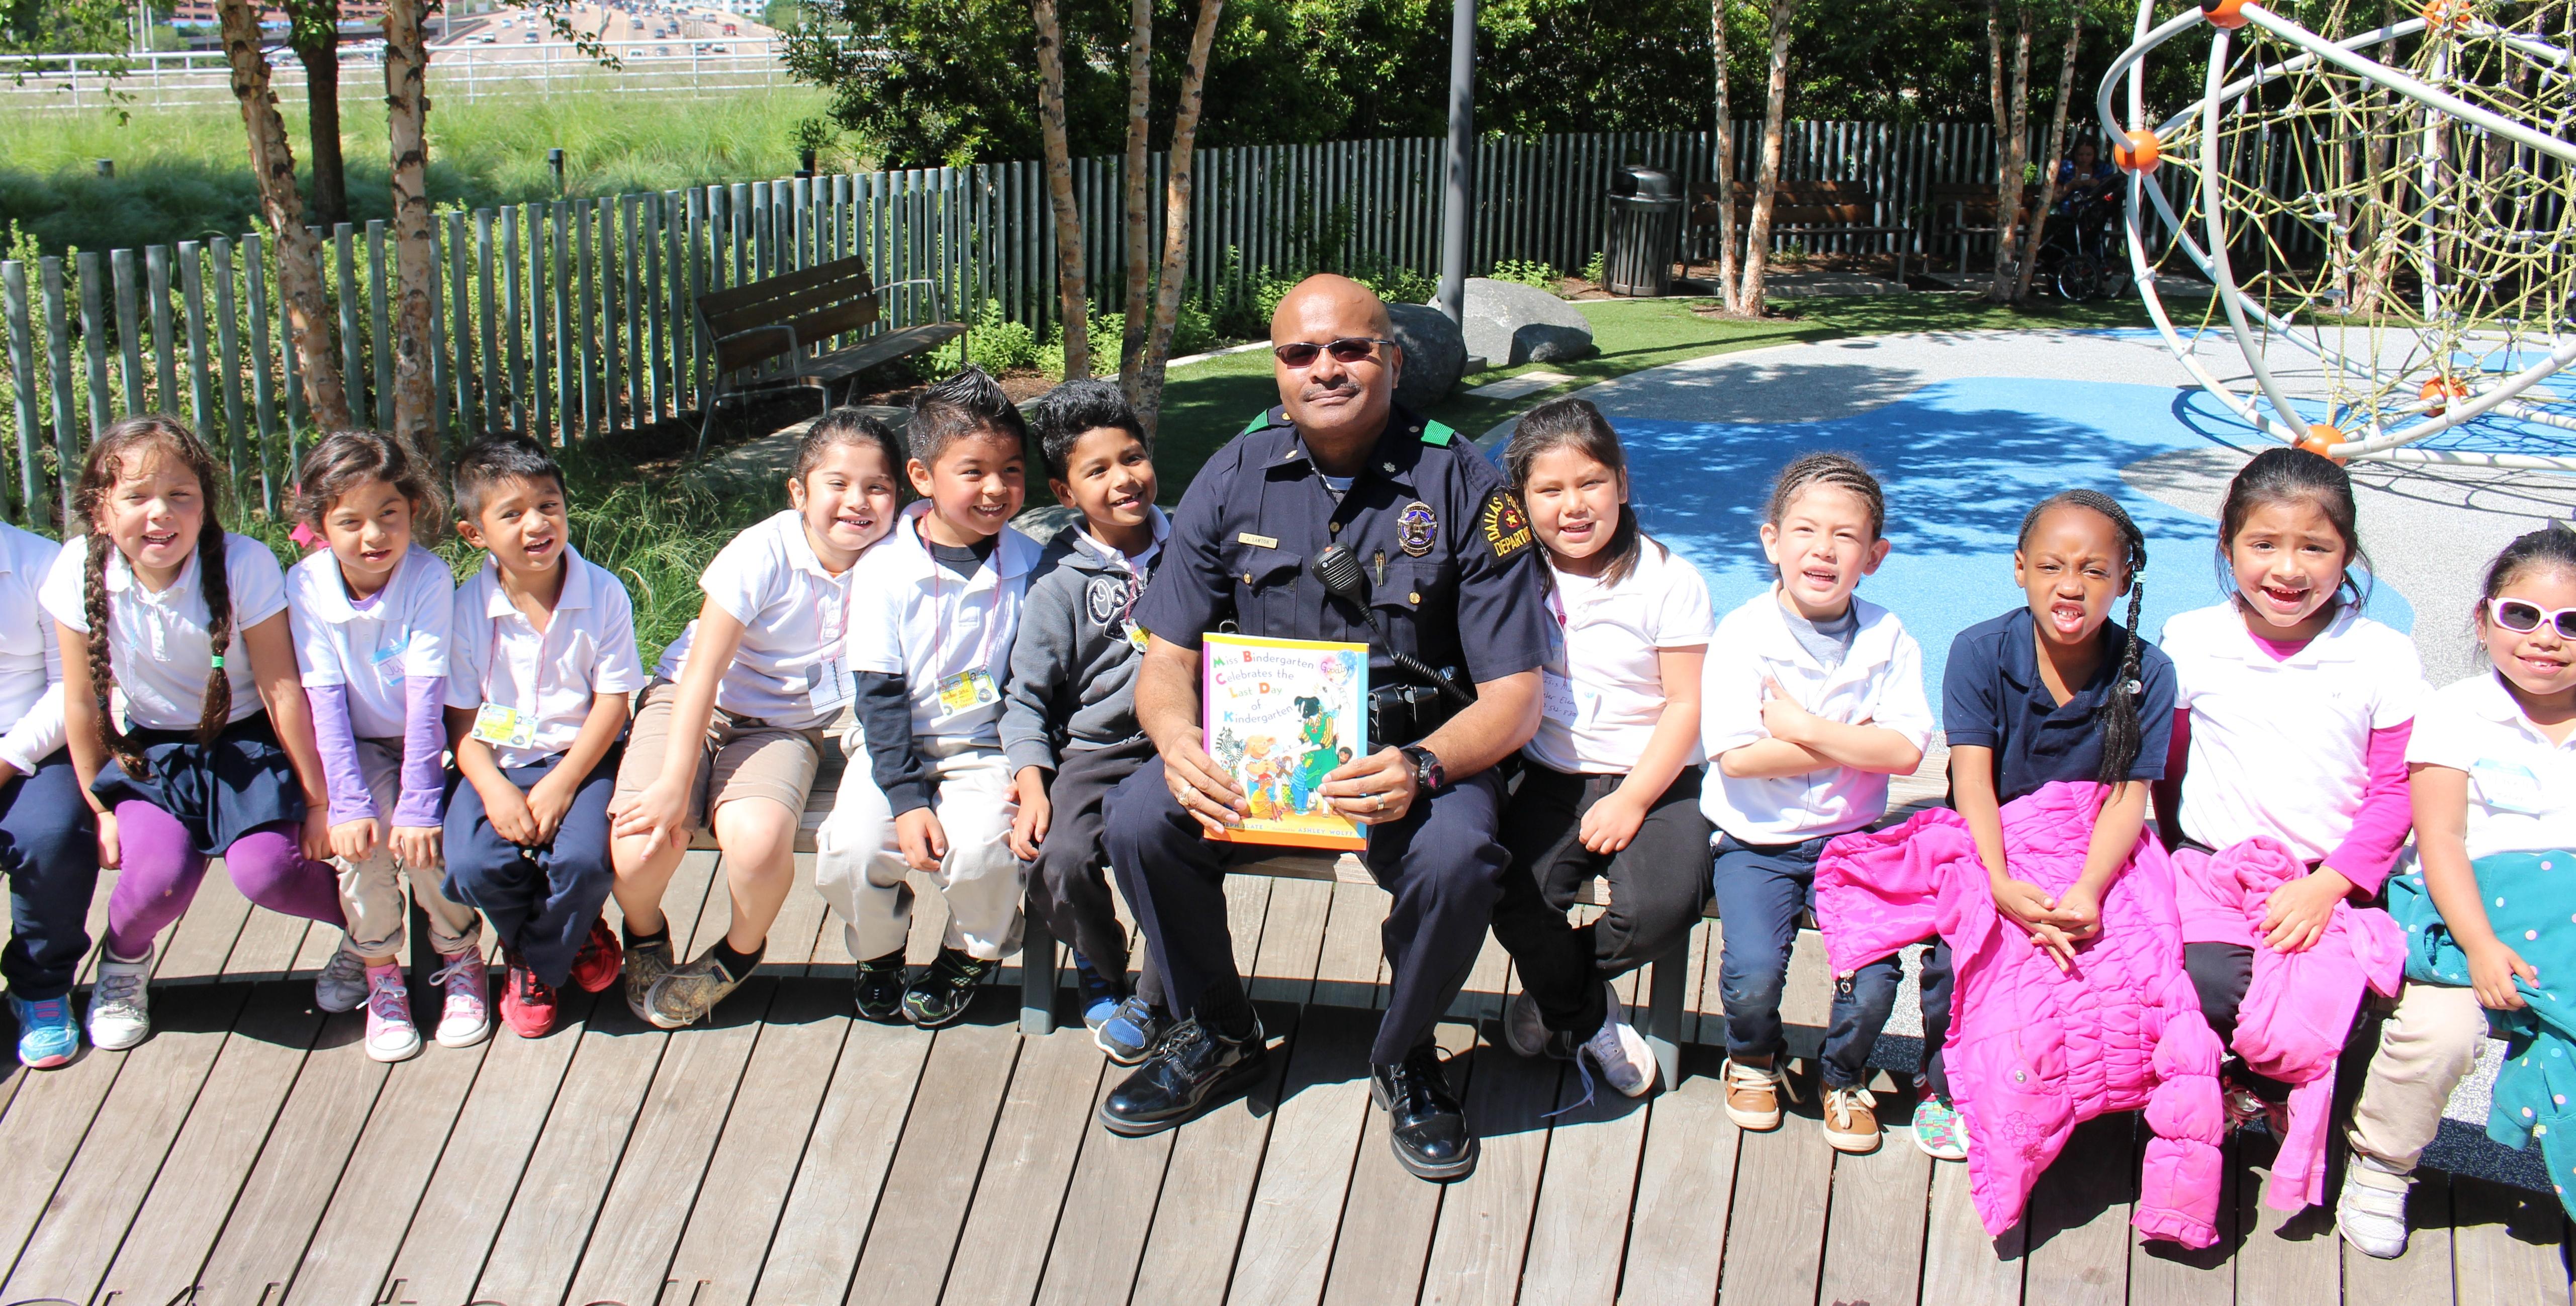 Policía Easton suelte fotos de sospechoso vehículo s que pueden estar ofreciendo caramelos a los niños (que ofrecen dulces niños)